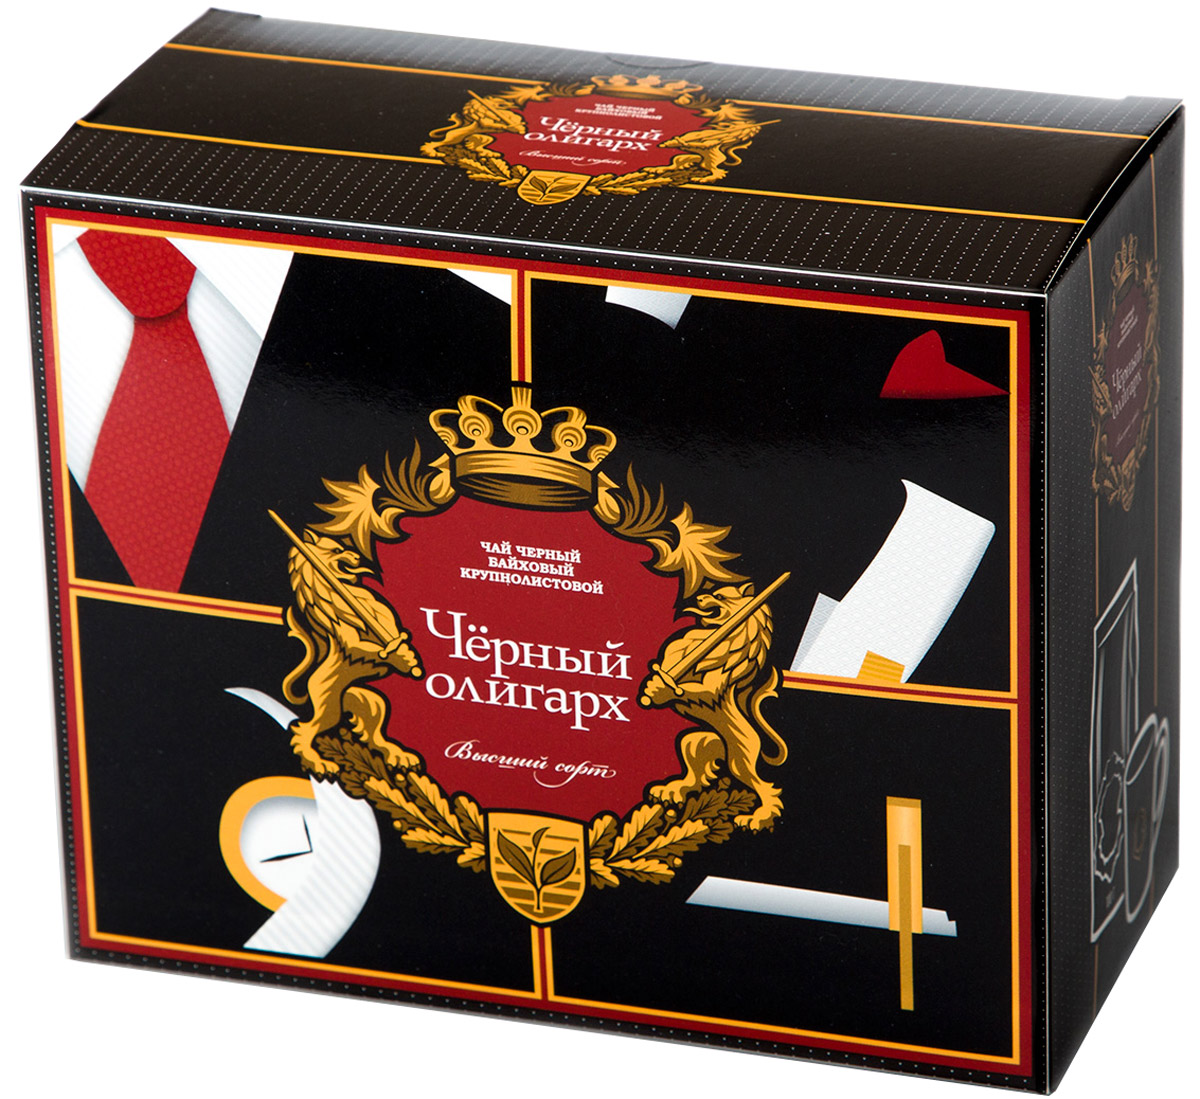 Черный Олигарх Набор подарочный чай черный крупнолистовой, 100 г + кружка 330 мл4612710550285Чай черный байховый крупно-листовой (стандарт ОРА) высшего качества. Место произрастания чайного листа - Юго-Восточная Азия. Обладает терпким насыщенным вкусом и красивым темно-красным цветом настоя.В комплекте кружка с логотипом.